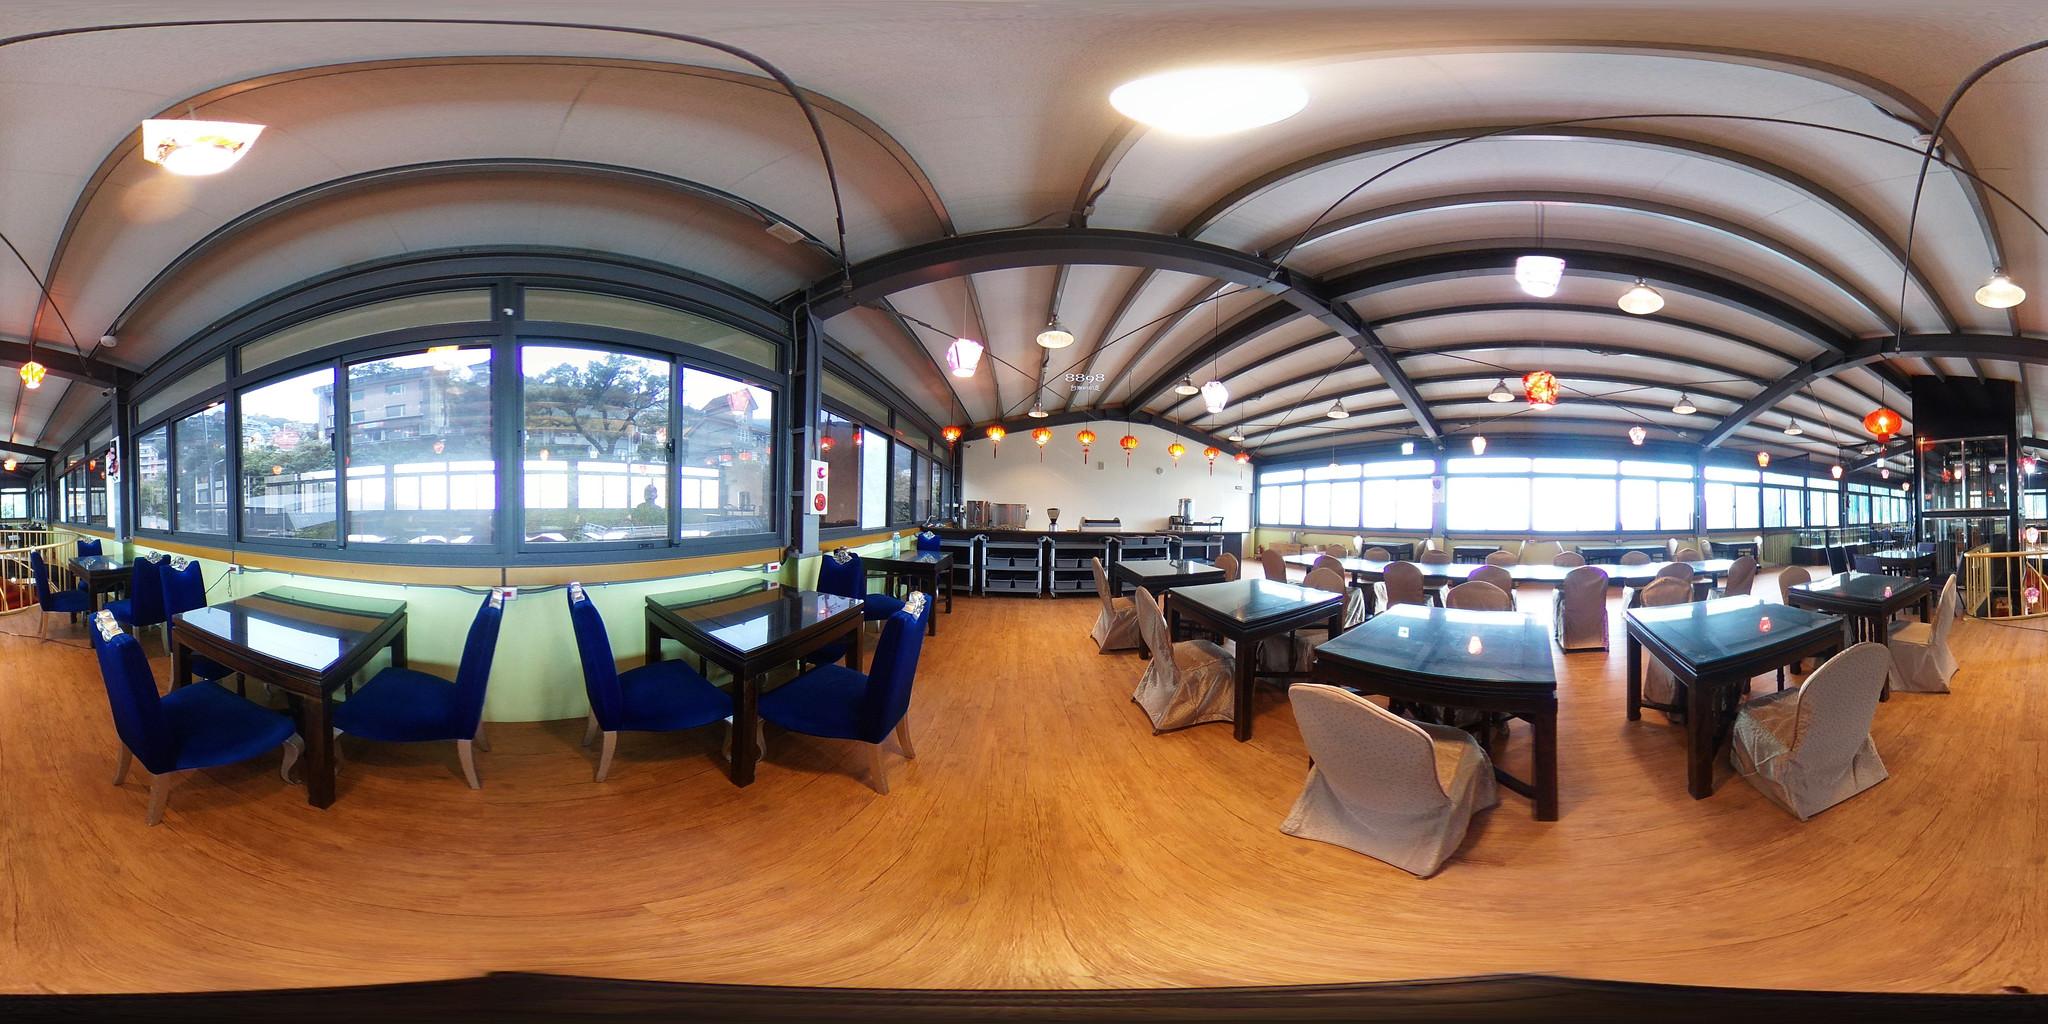 06-2九份食樂餐廳三樓